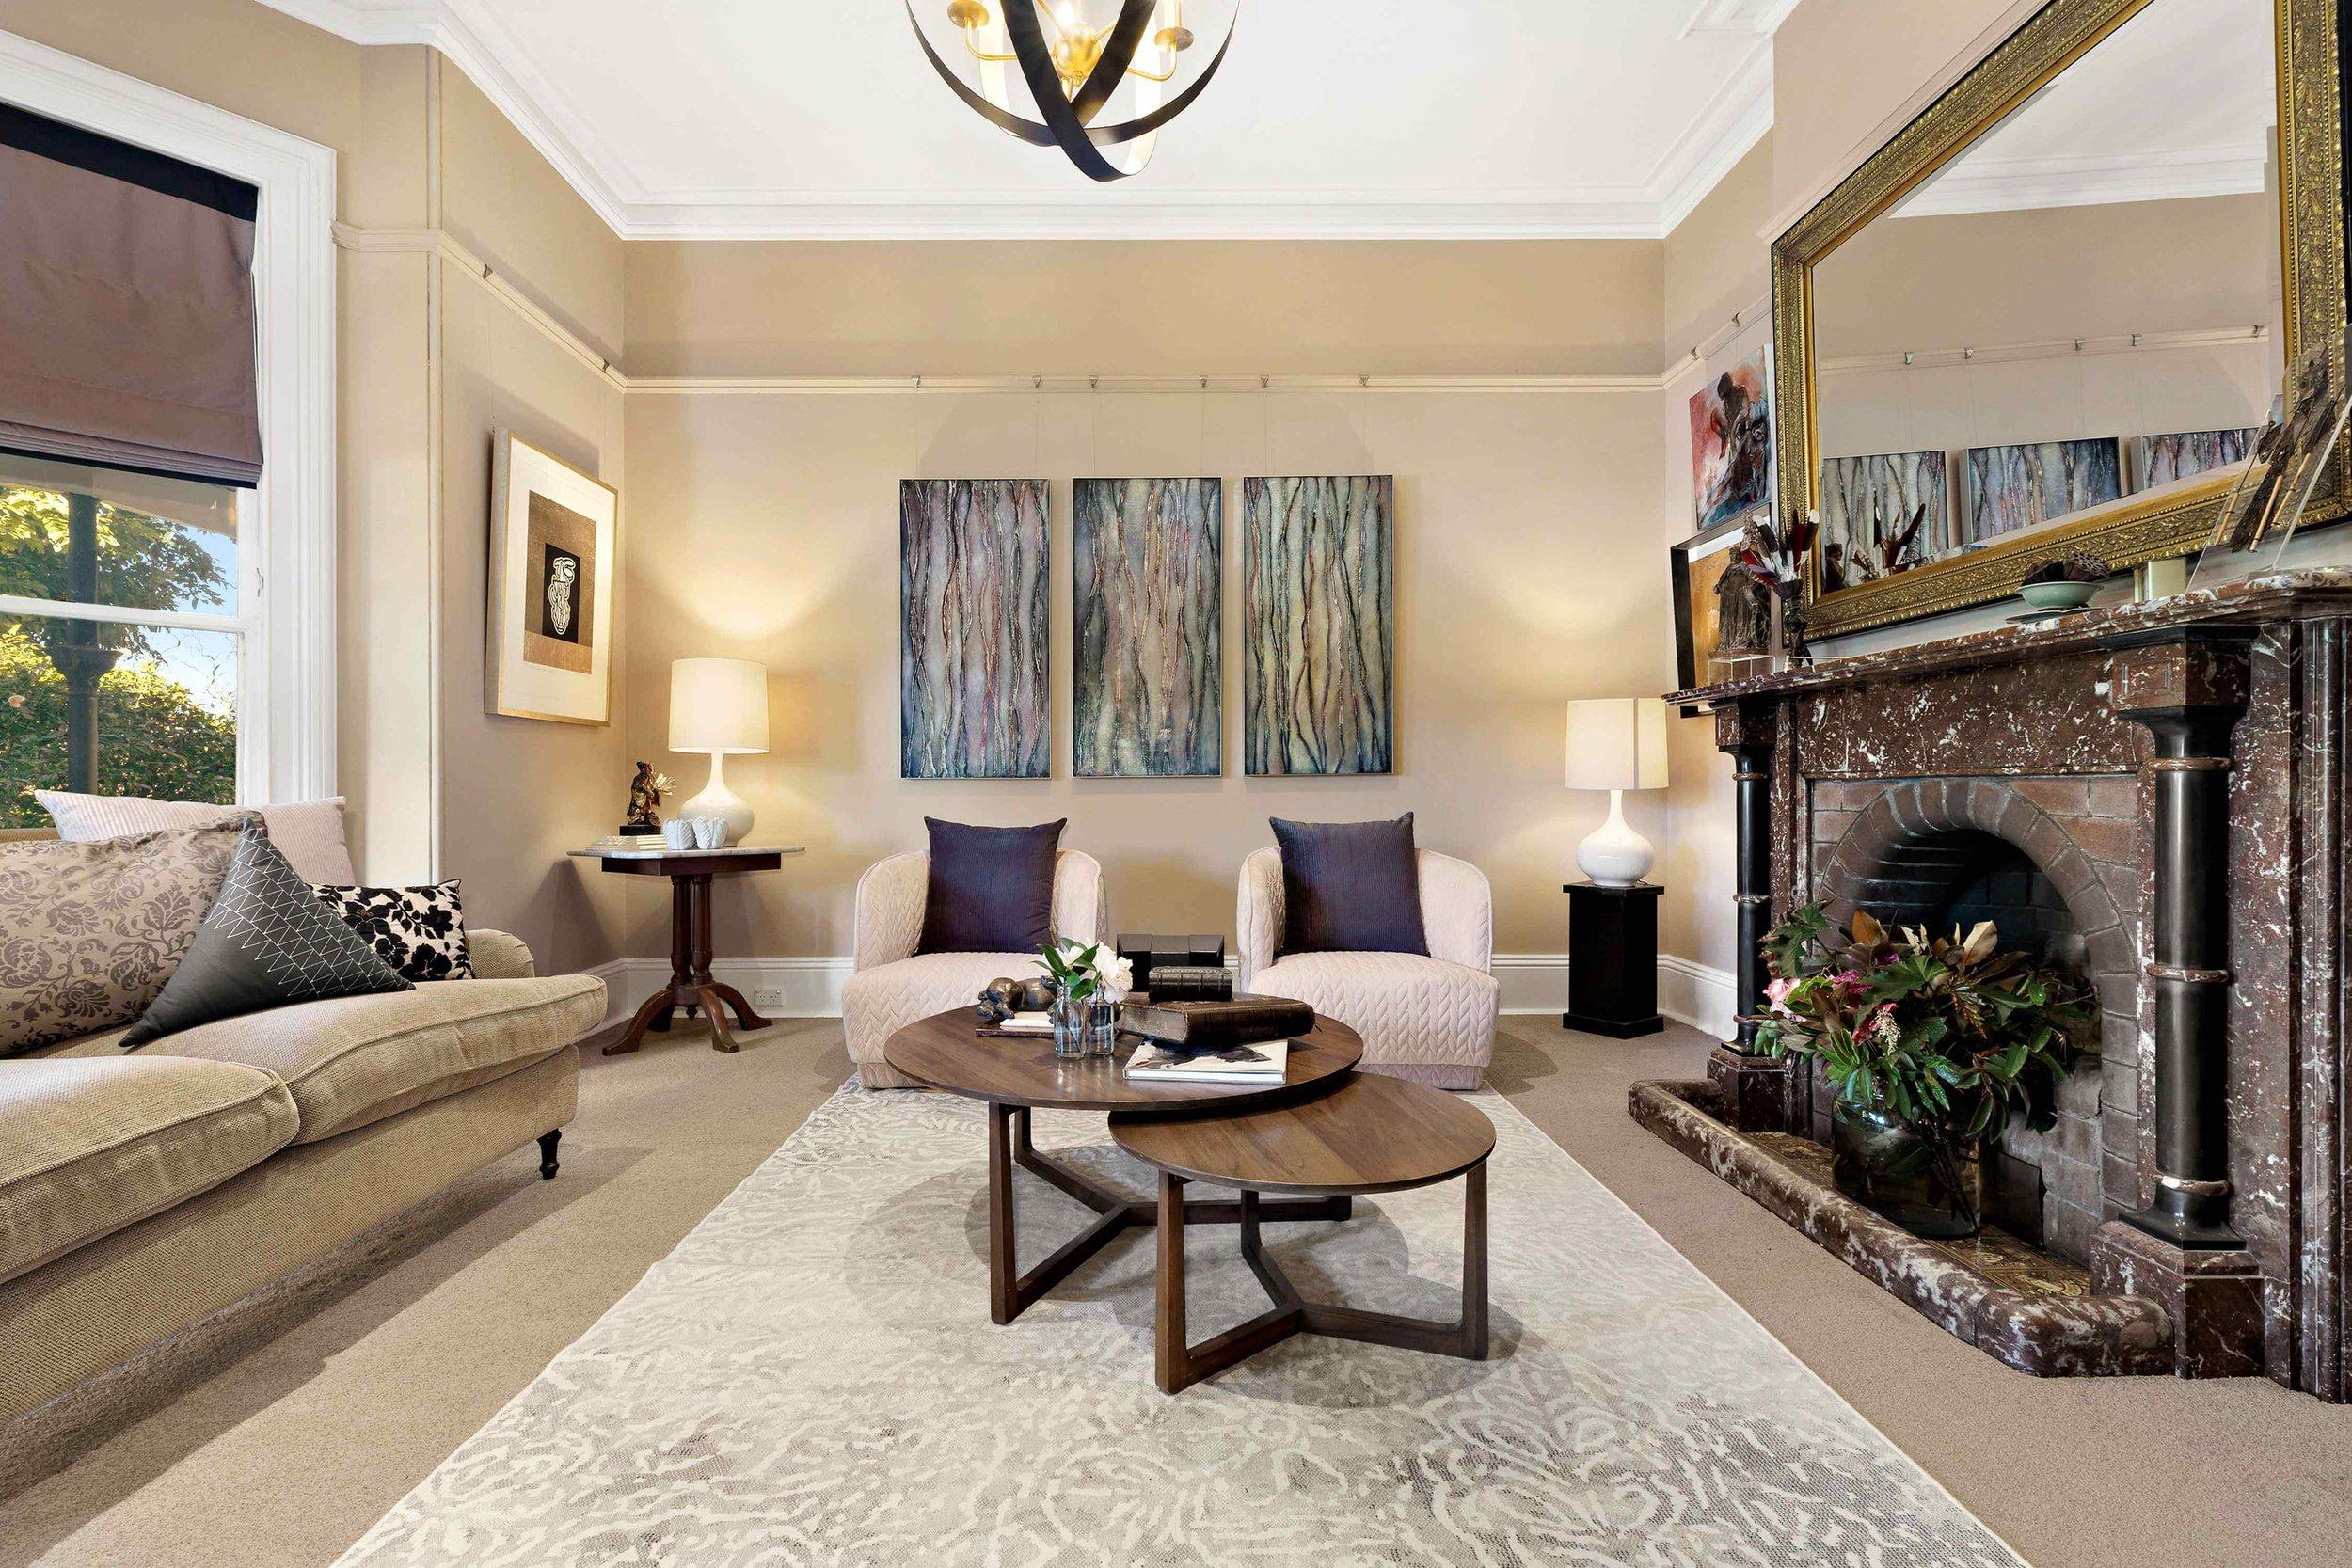 124-wycombe-neutral bay-livingroom-hi (1).jpg